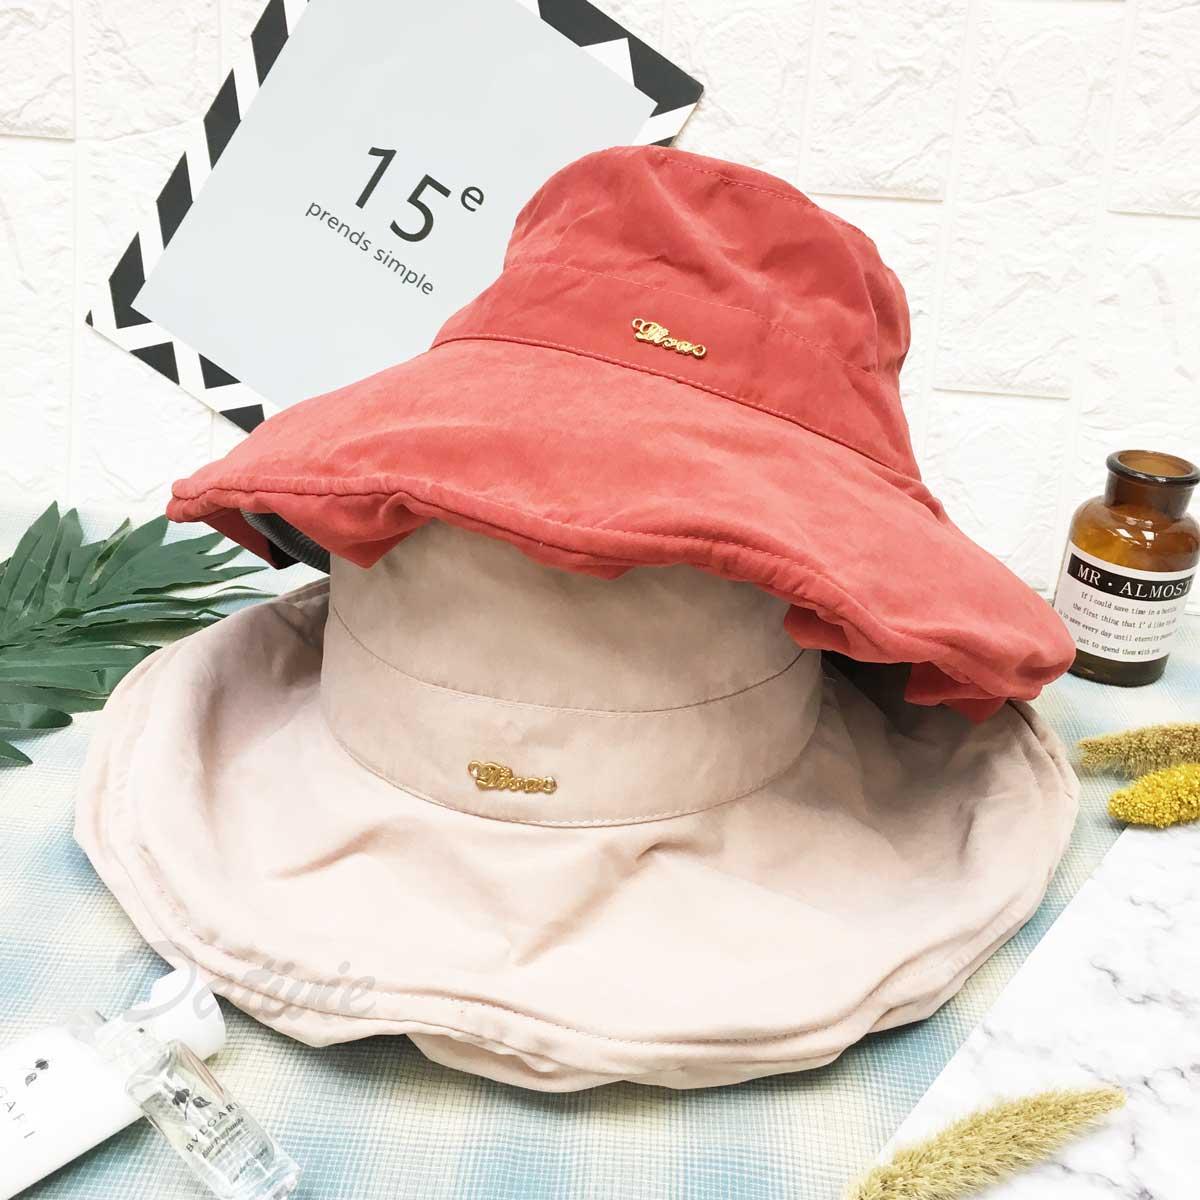 霧面絨質 金標 鐵邊可彎曲造型 帽子 遮陽帽 淑女帽